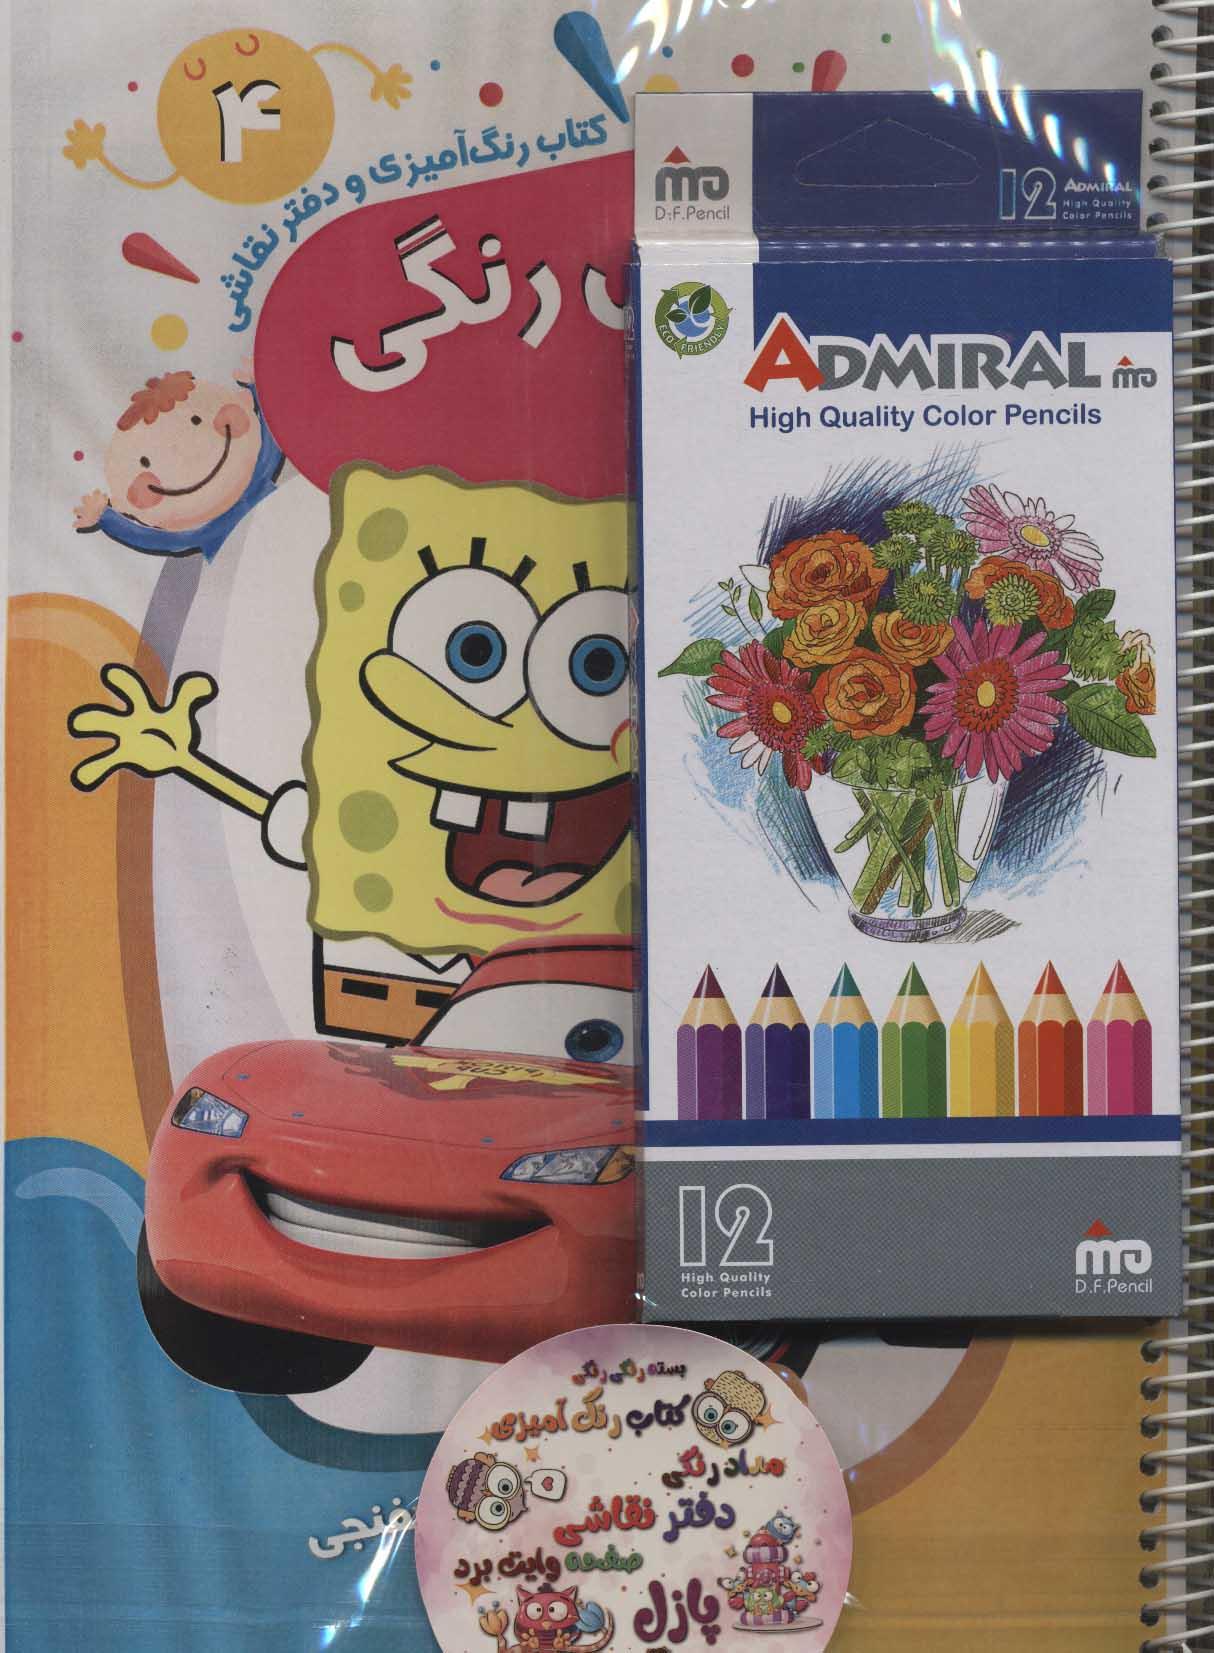 بسته رنگی رنگی 4 (دفتر رنگ آمیزی و نقاشی،پازل باب اسفنجی،24 تکه،مداد رنگی)